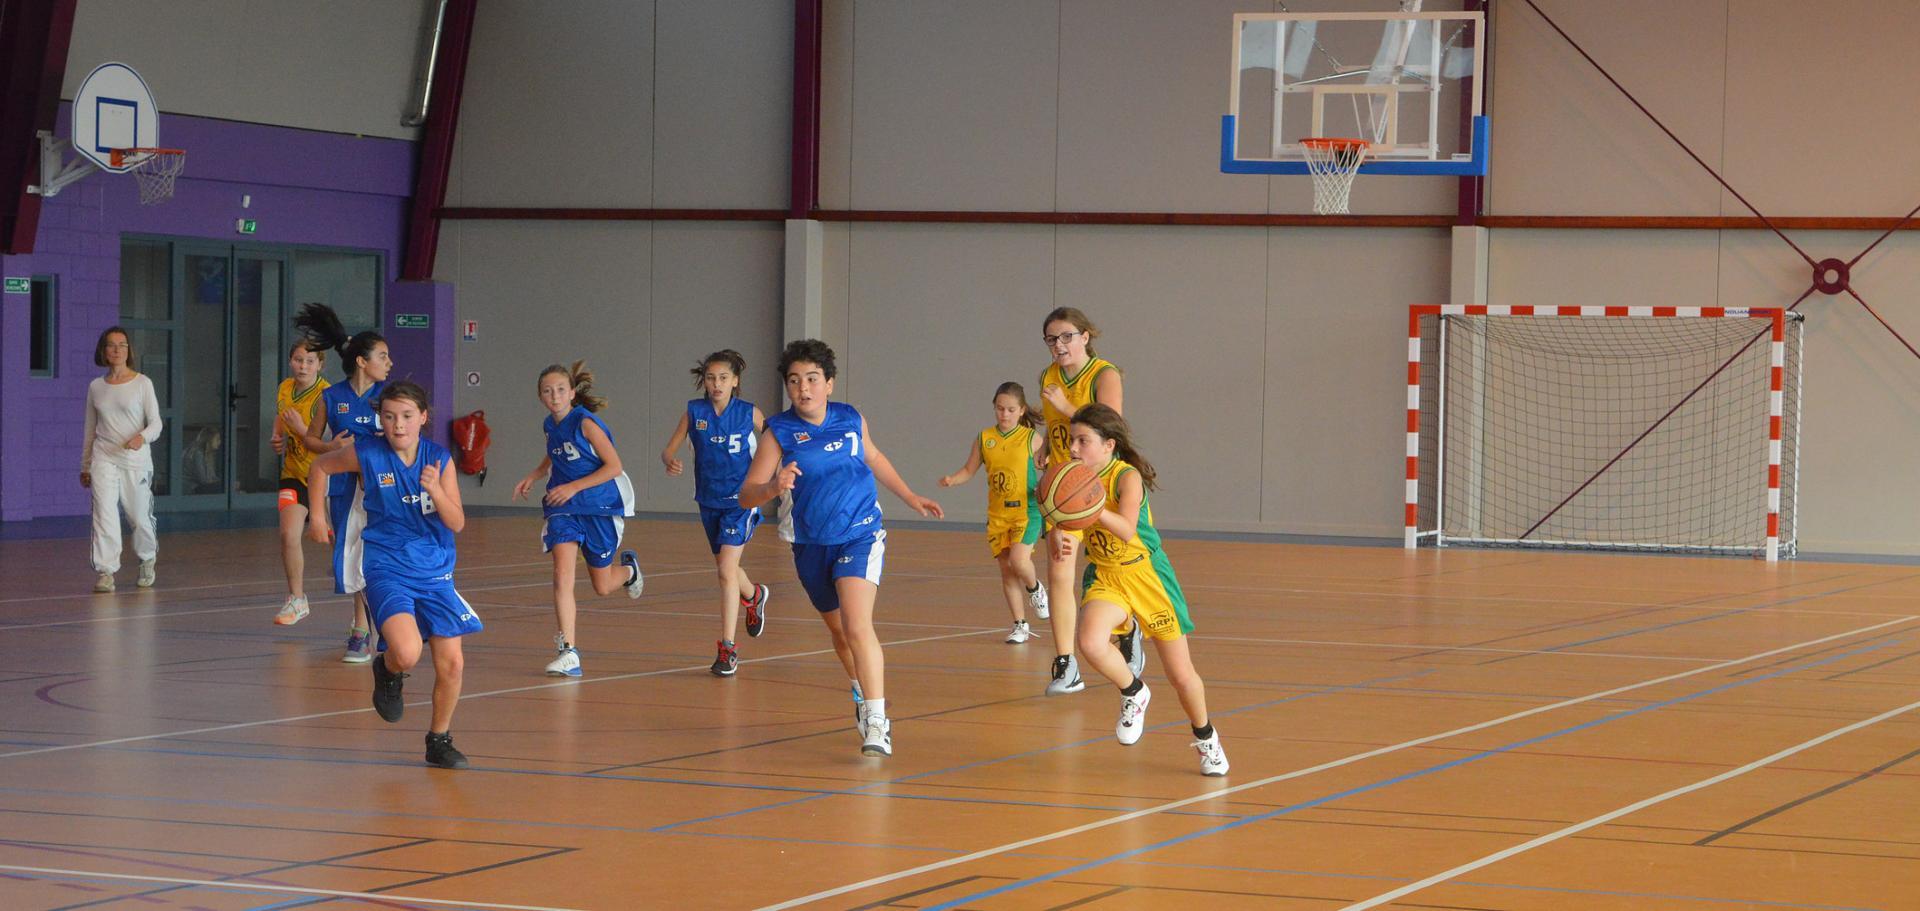 Basket esf 77 2